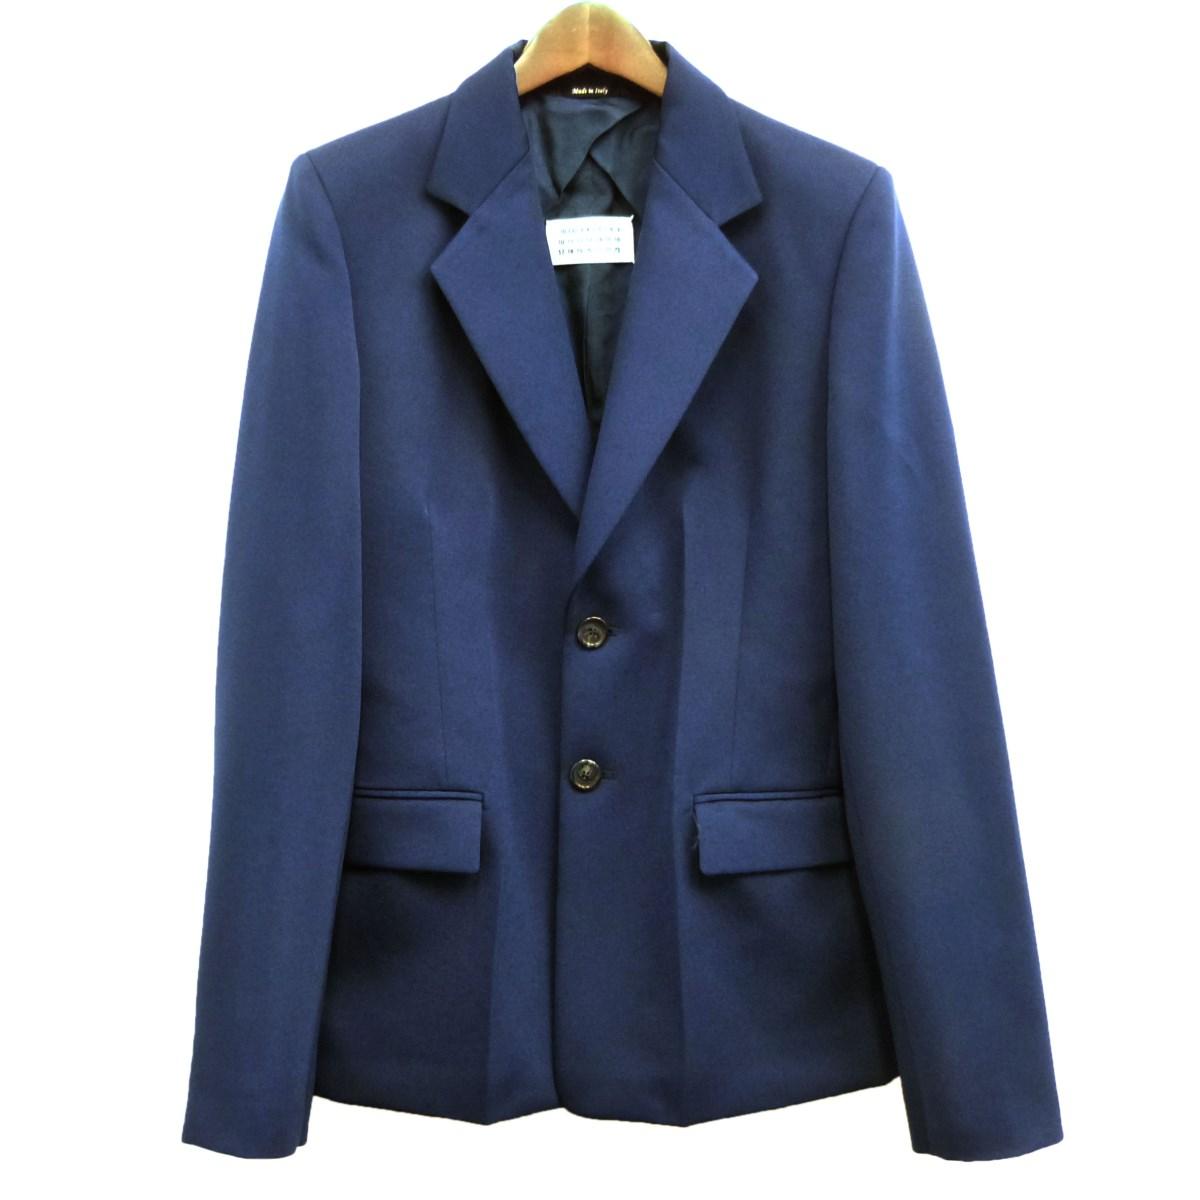 【中古】Martin Margiela1 20SSノッチド2Bジャケット ネイビー サイズ:40 【050420】(マルタンマルジェラ1)